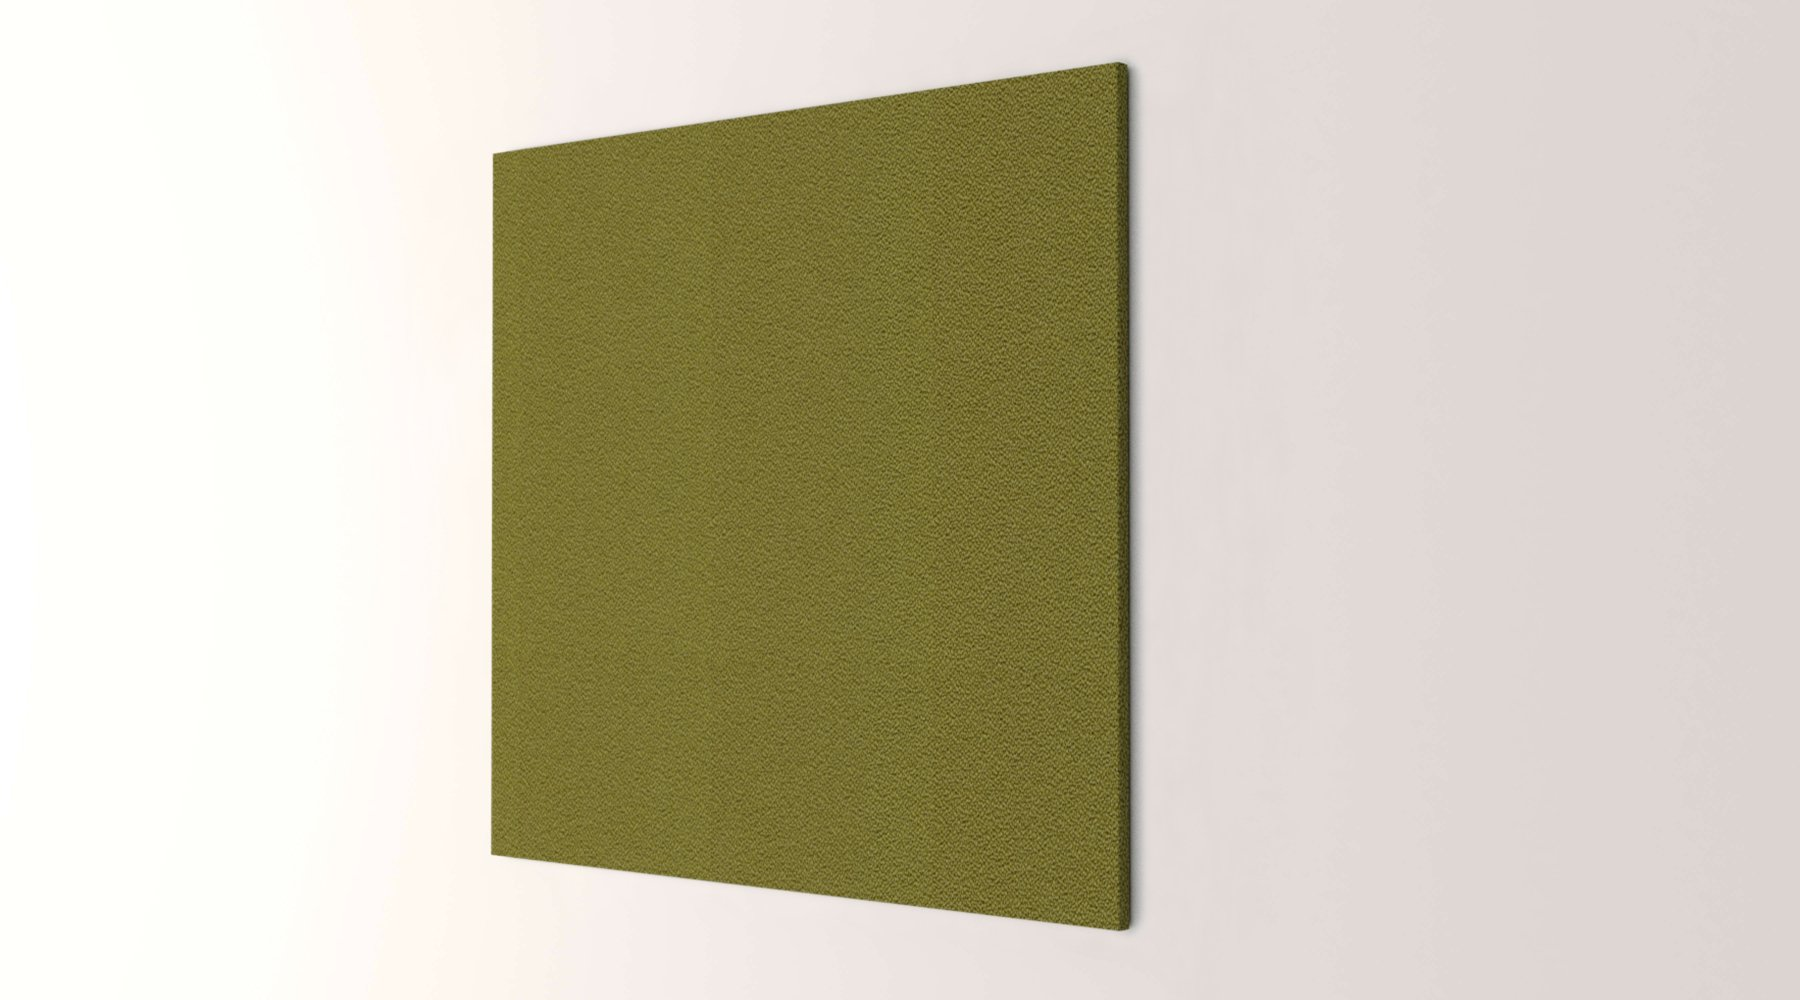 Obex 48X48-TB-S-VE 48'' x 48'' Obex Square Tackboard, Verde, 48'' x 48''